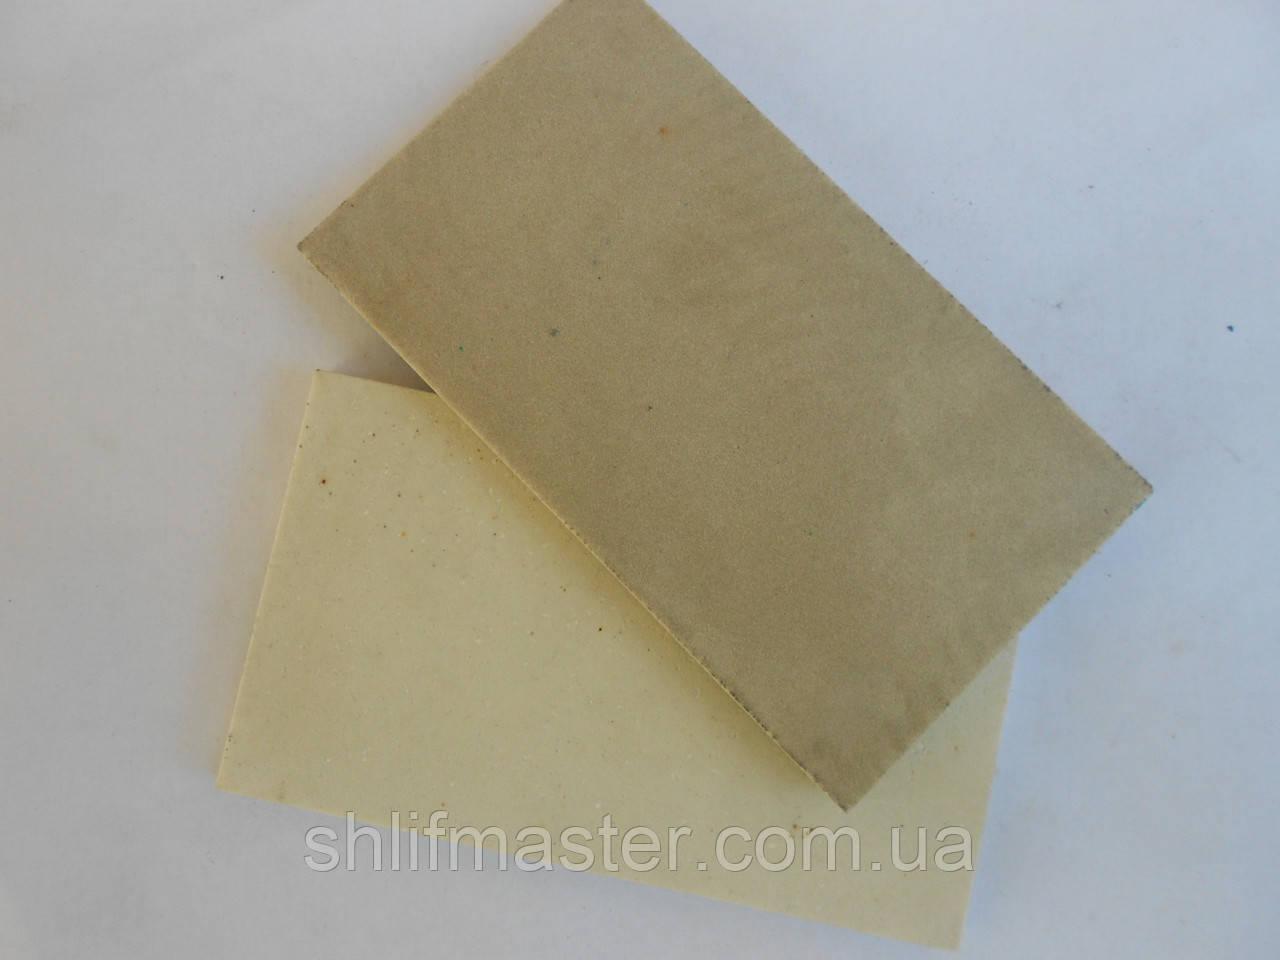 Брусок заточной абразивный 25А (электрокорунд белый) 110х40х10 6 С